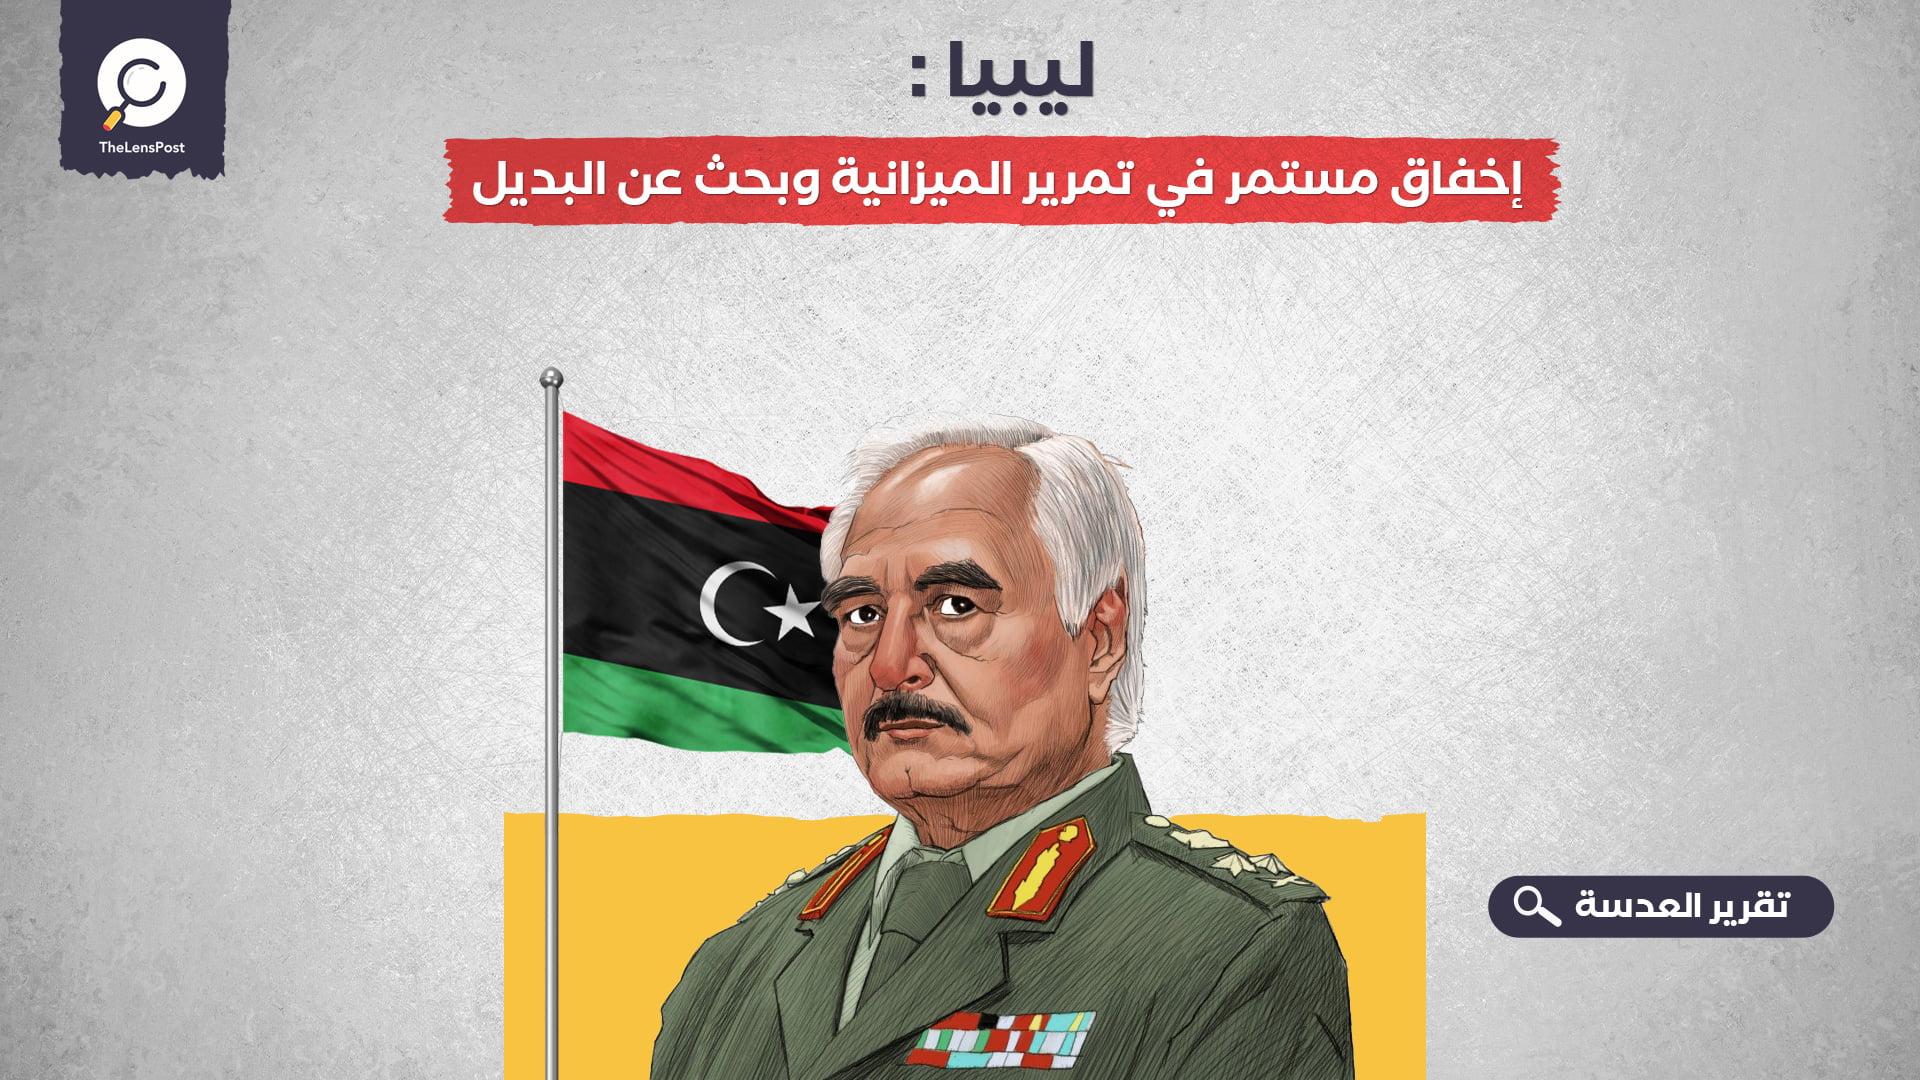 ليبيا.. إخفاق مستمر في تمرير الميزانية وبحث عن البديل